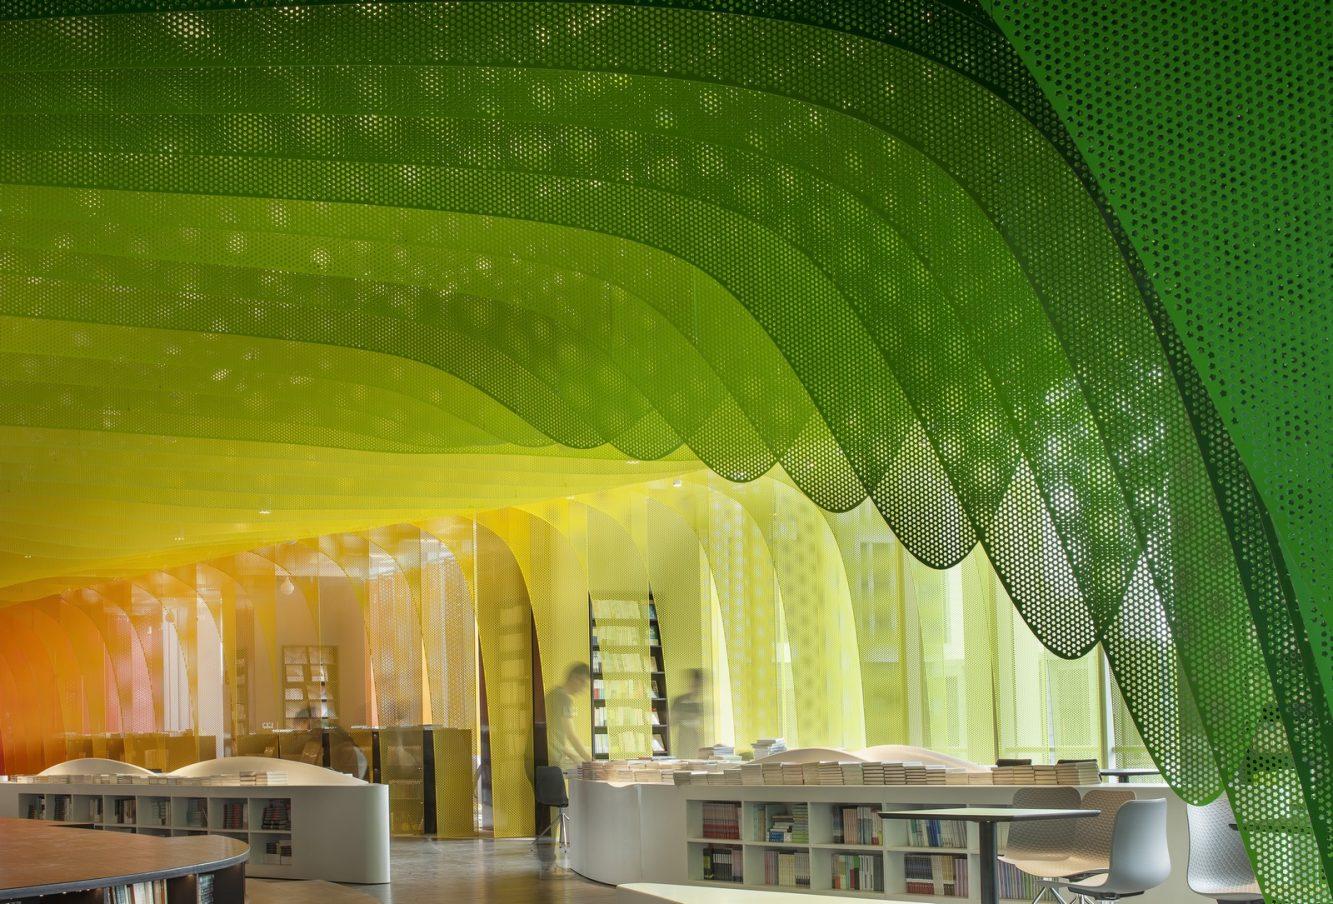 Un arcoiris en la librería Zhongshu 14